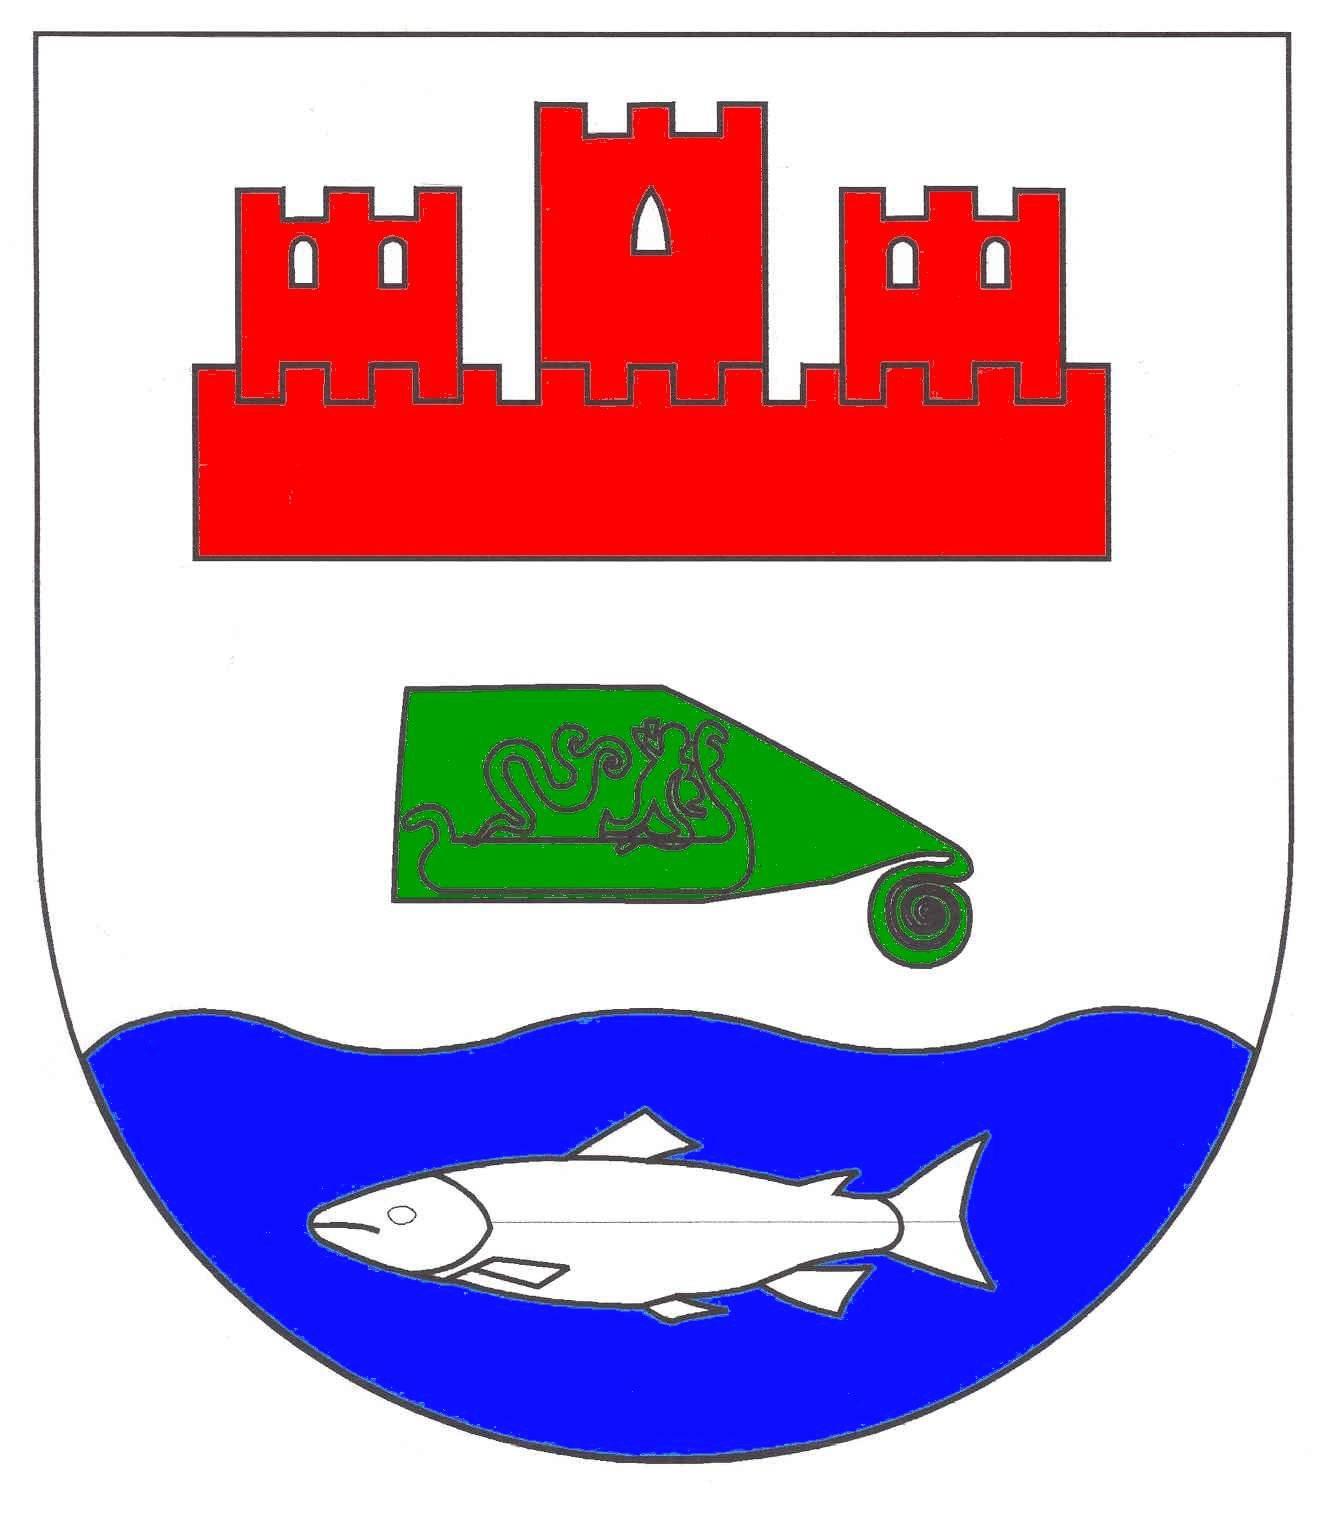 Wappen GemeindeBorgdorf-Seedorf, Kreis Rendsburg-Eckernförde